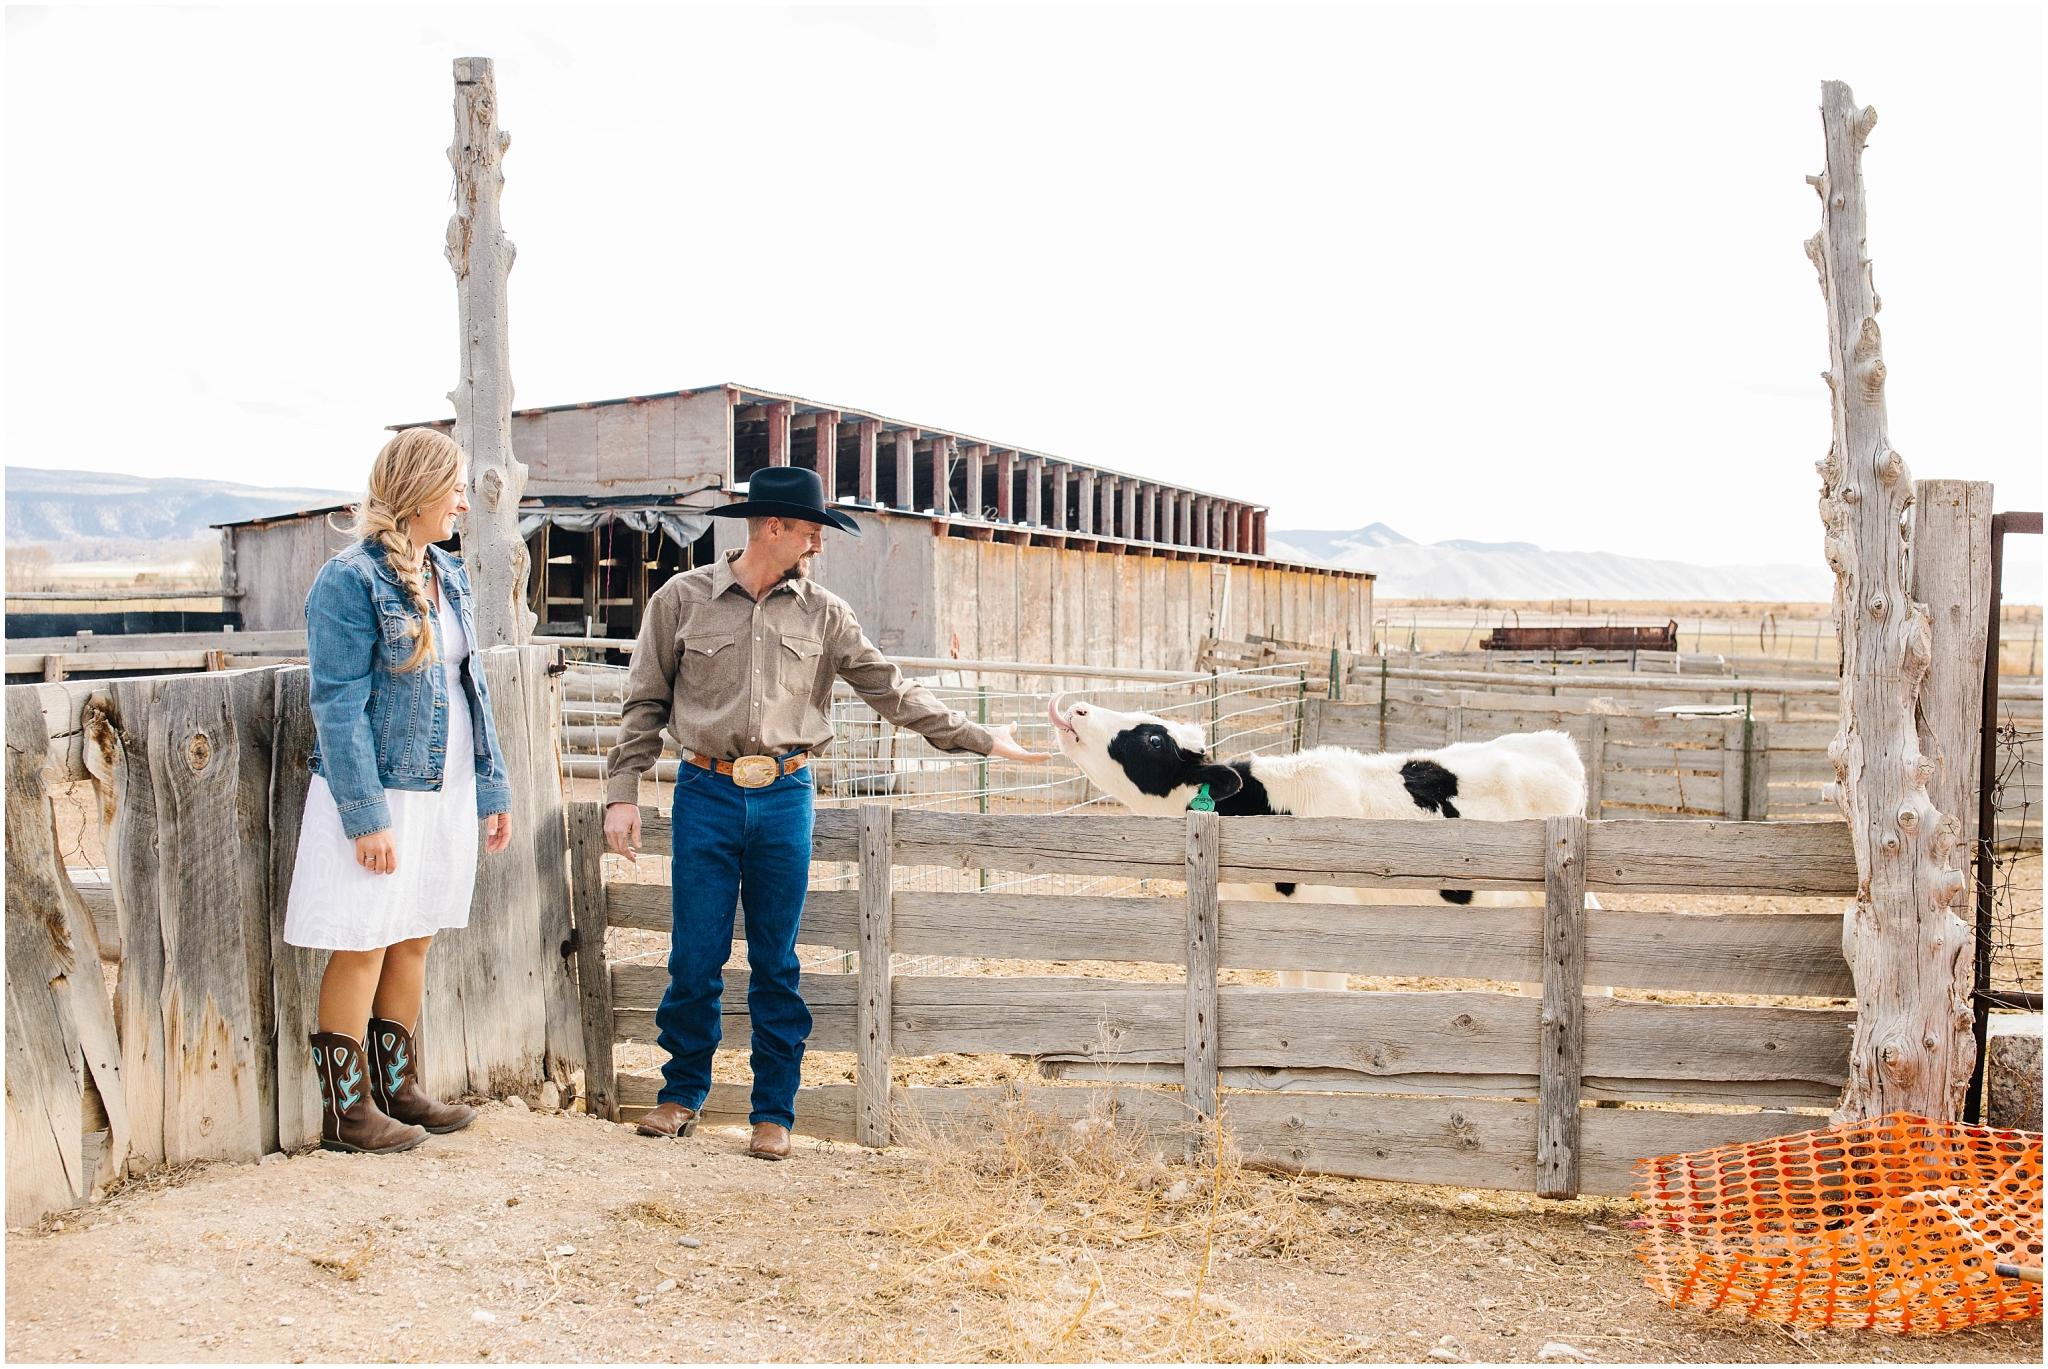 Lister-62_Lizzie-B-Imagery-Utah-Family-Photographer-Salt-Lake-City-Park-City-Utah-County.jpg